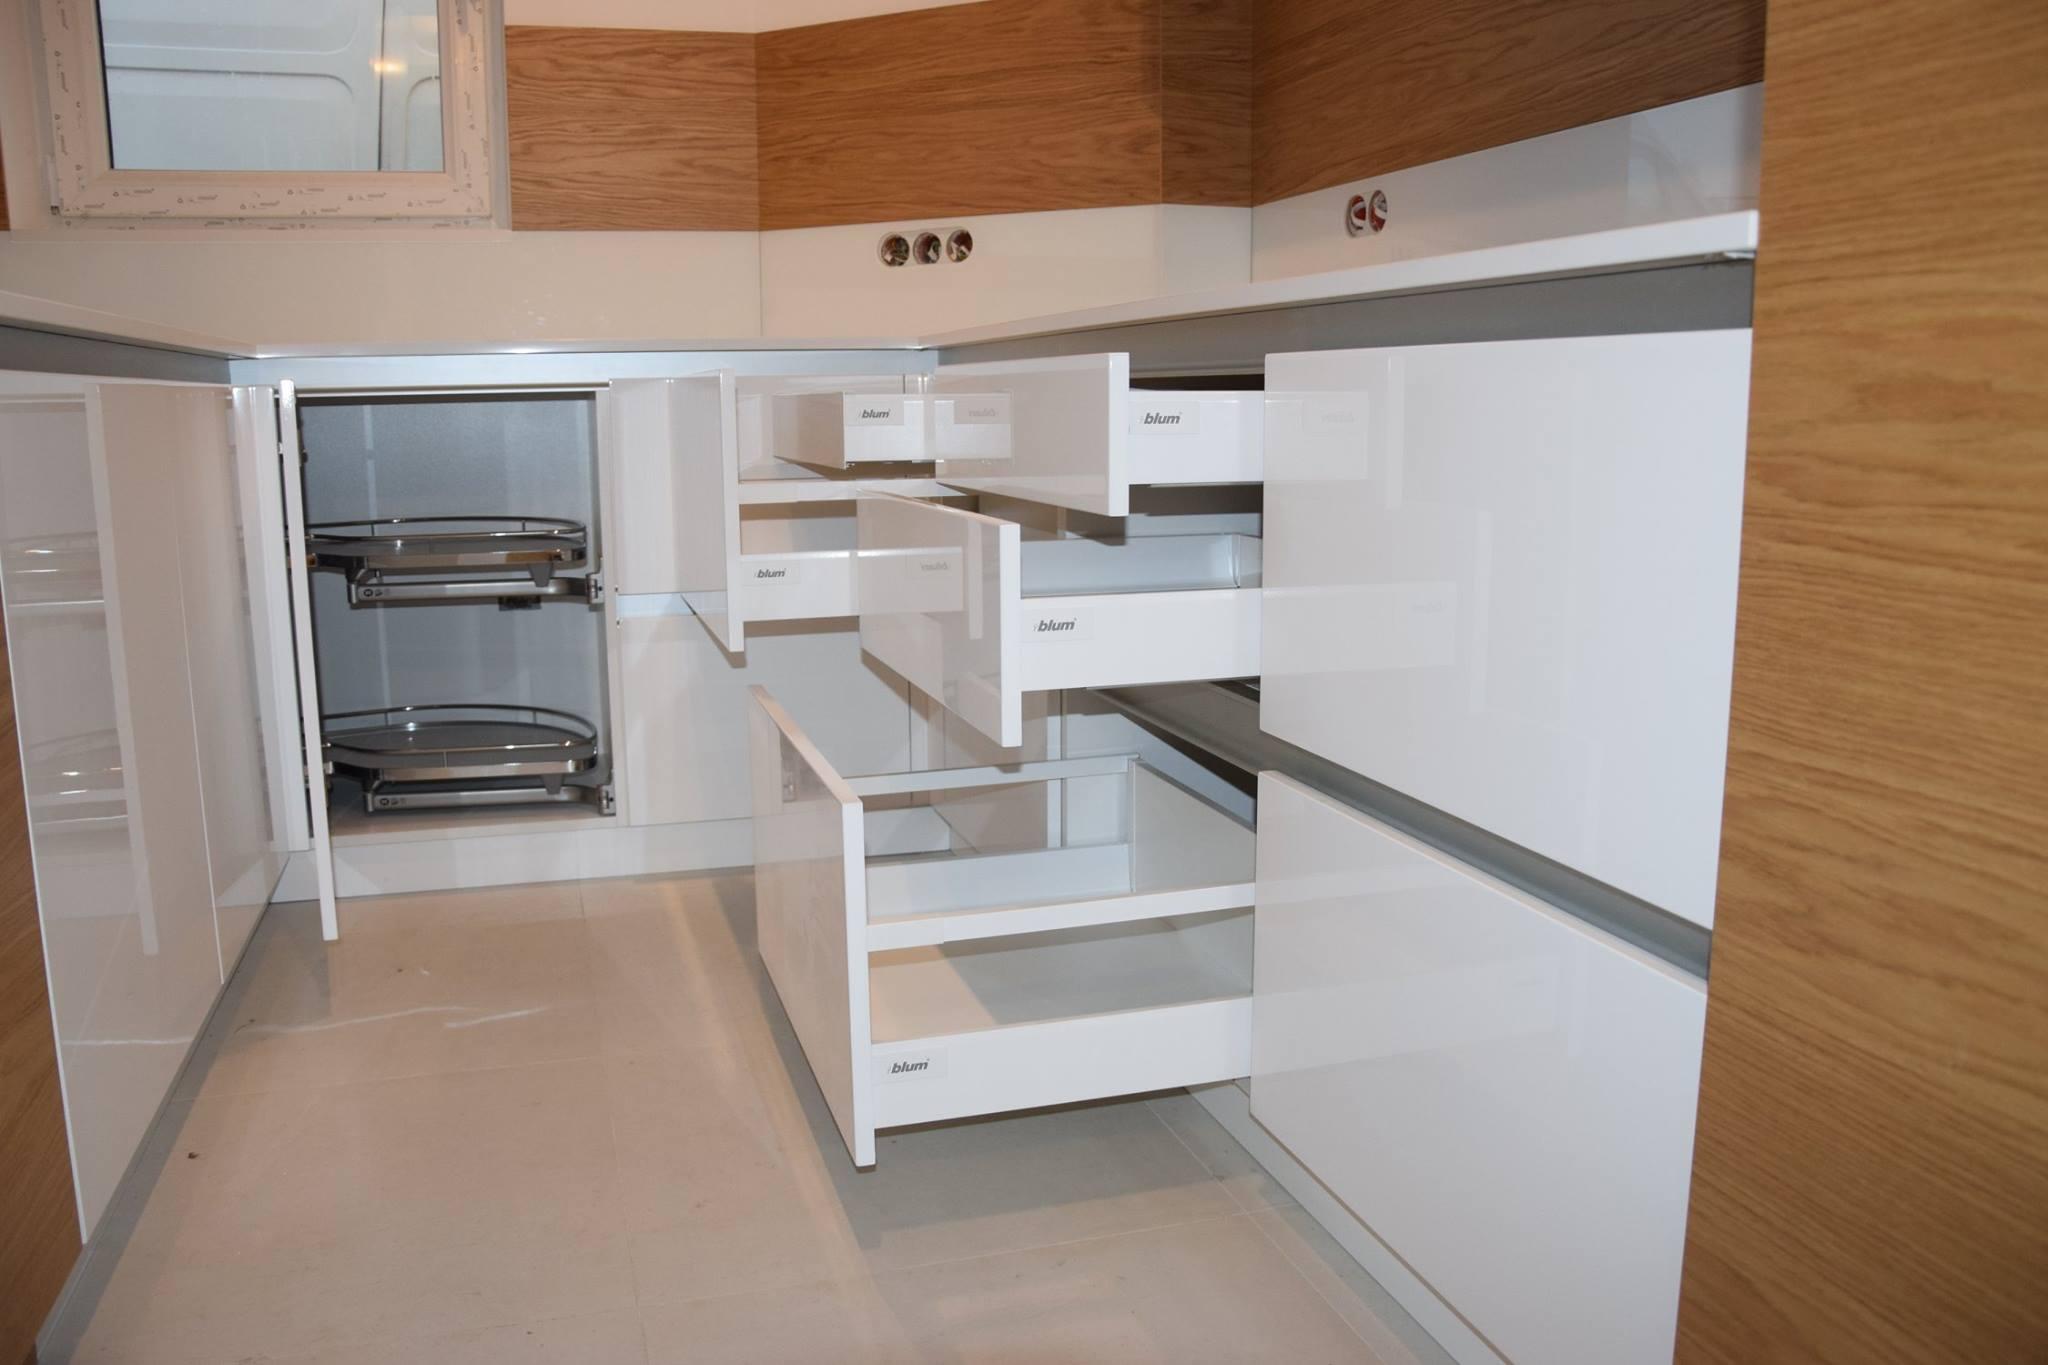 Szuflady Kuchenne I Nie Tylko Co Wybrać Do Zabudowy Kuchni